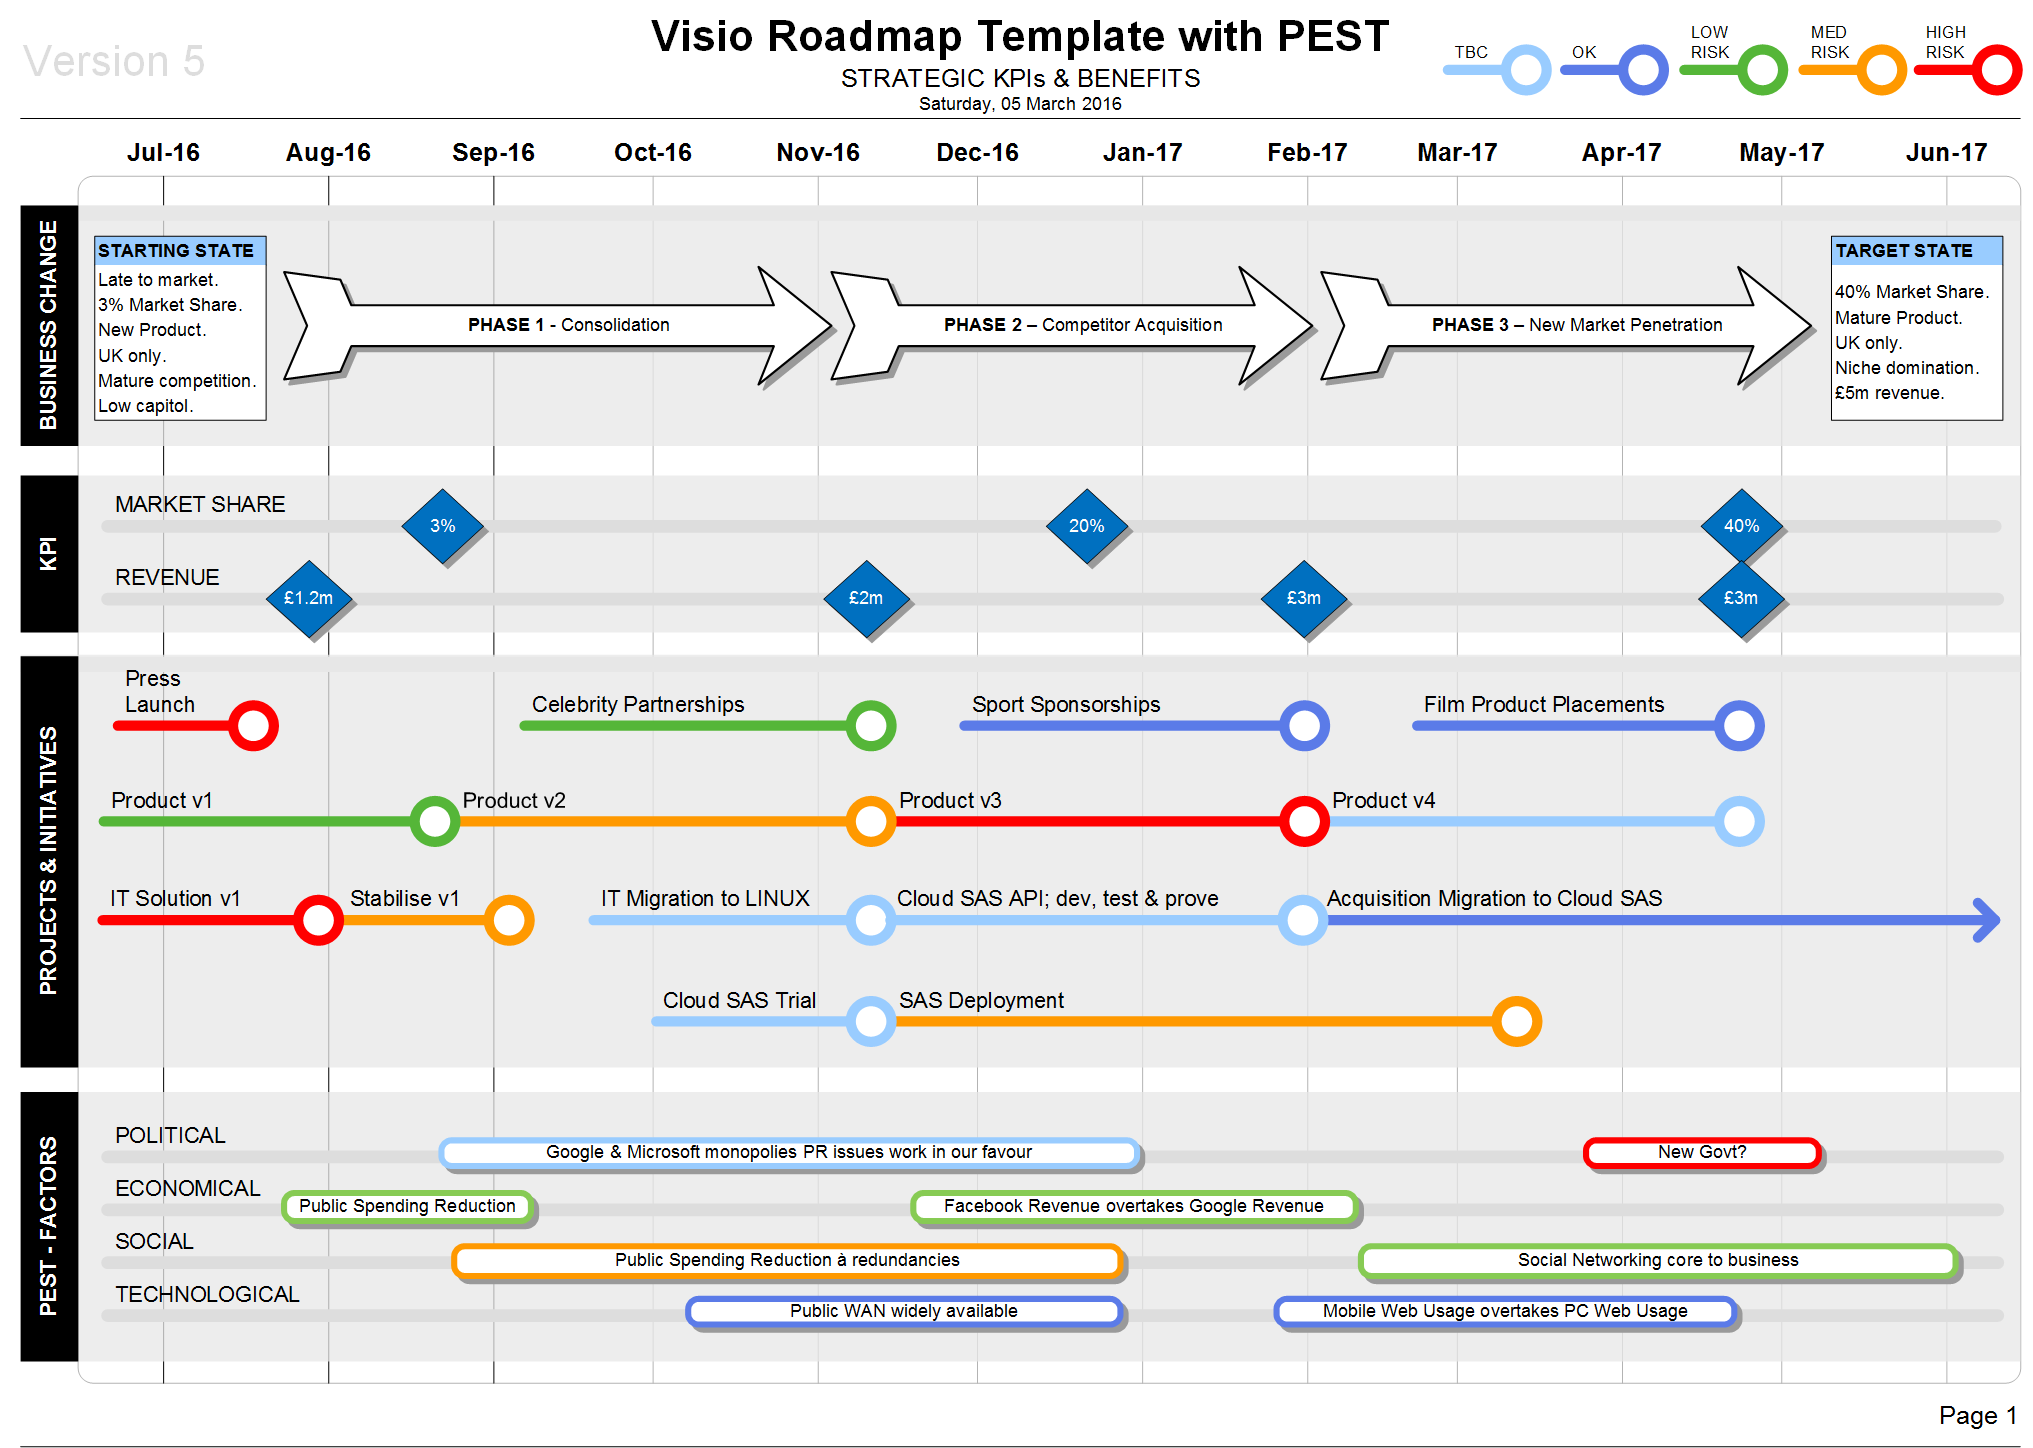 roadmap timeline template